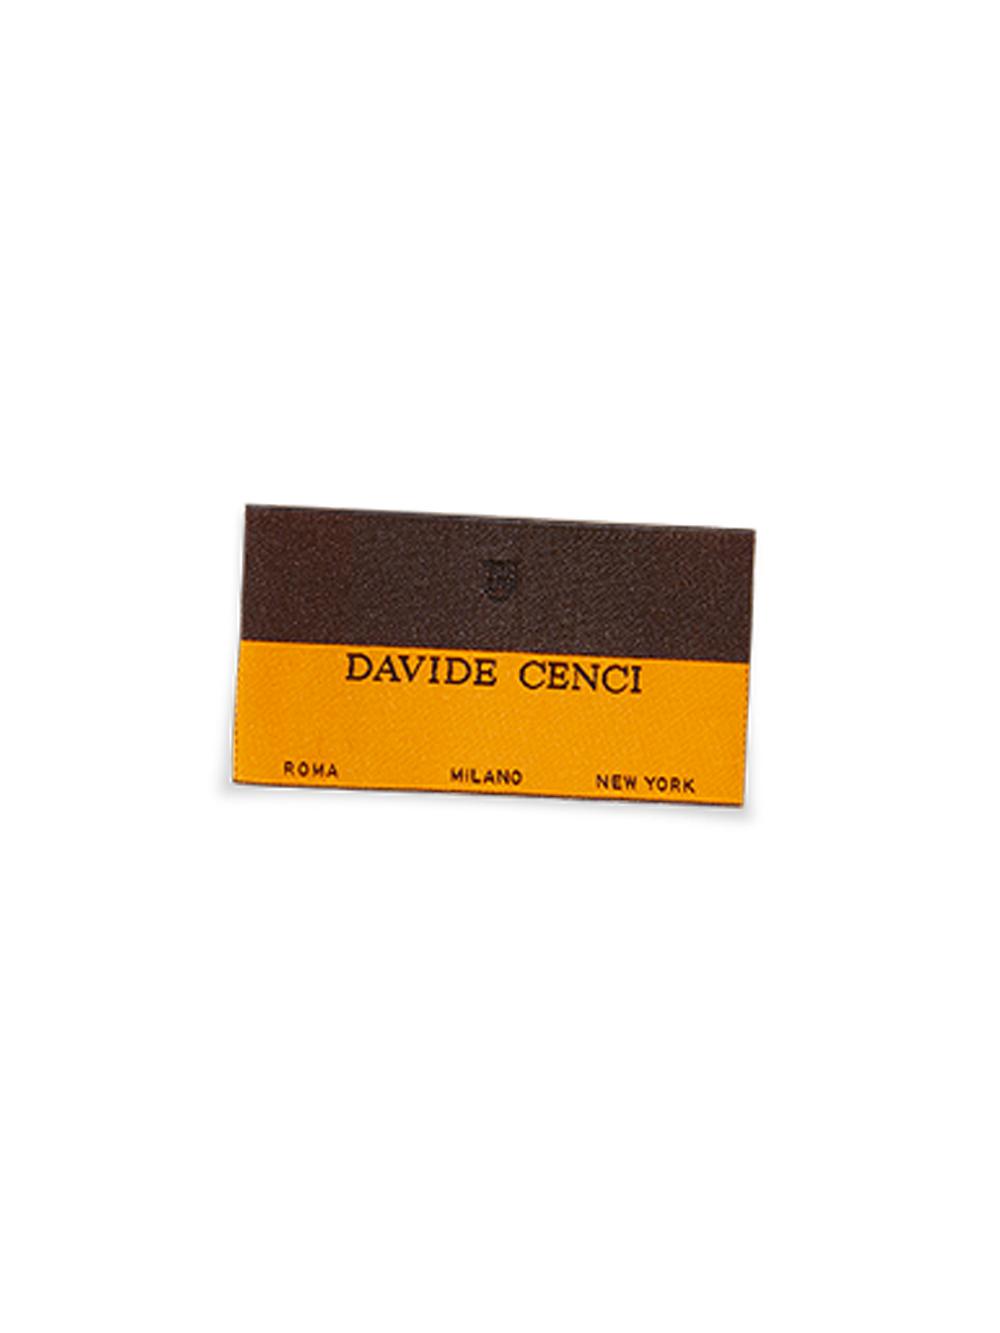 Cintura da uomo Davide Cenci in coccodrillo color testa di moro